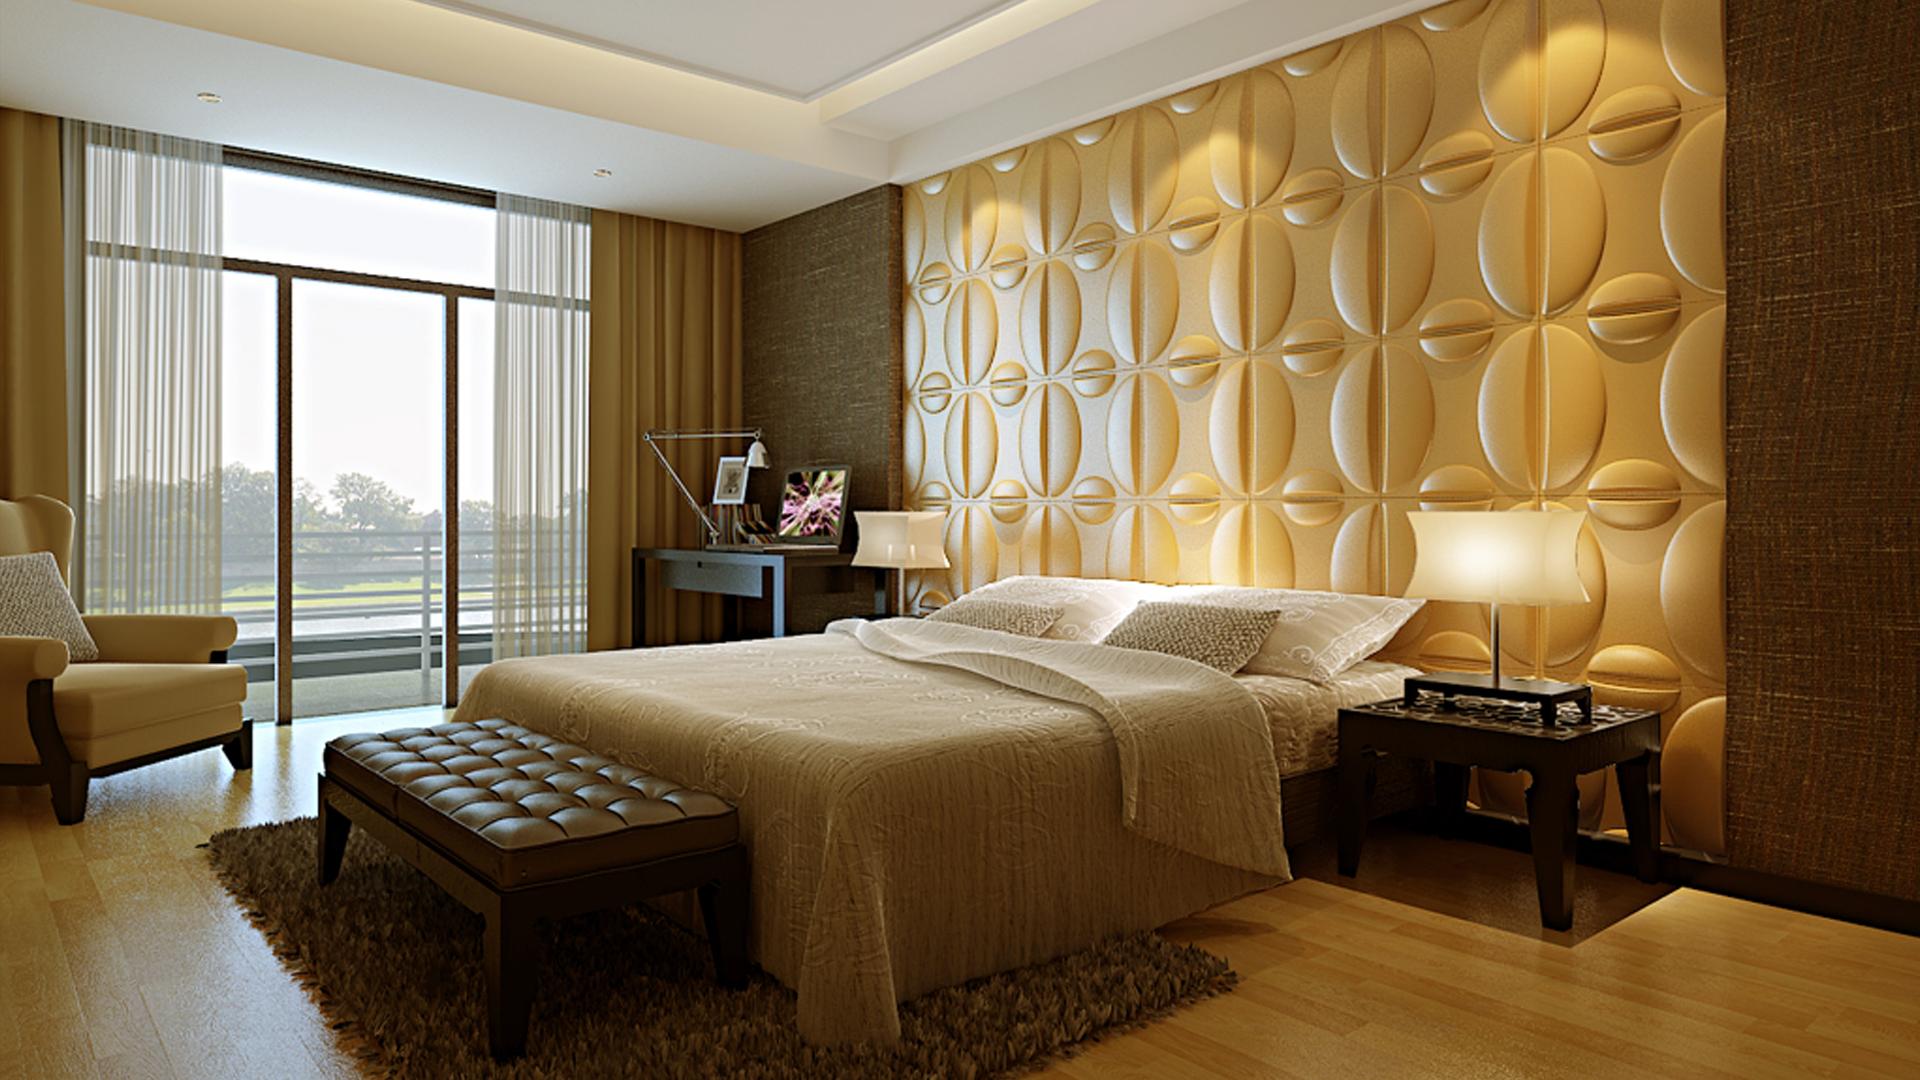 Wohnzimmer farben modern: design ideen dekko wohnzimmer einrichten ...